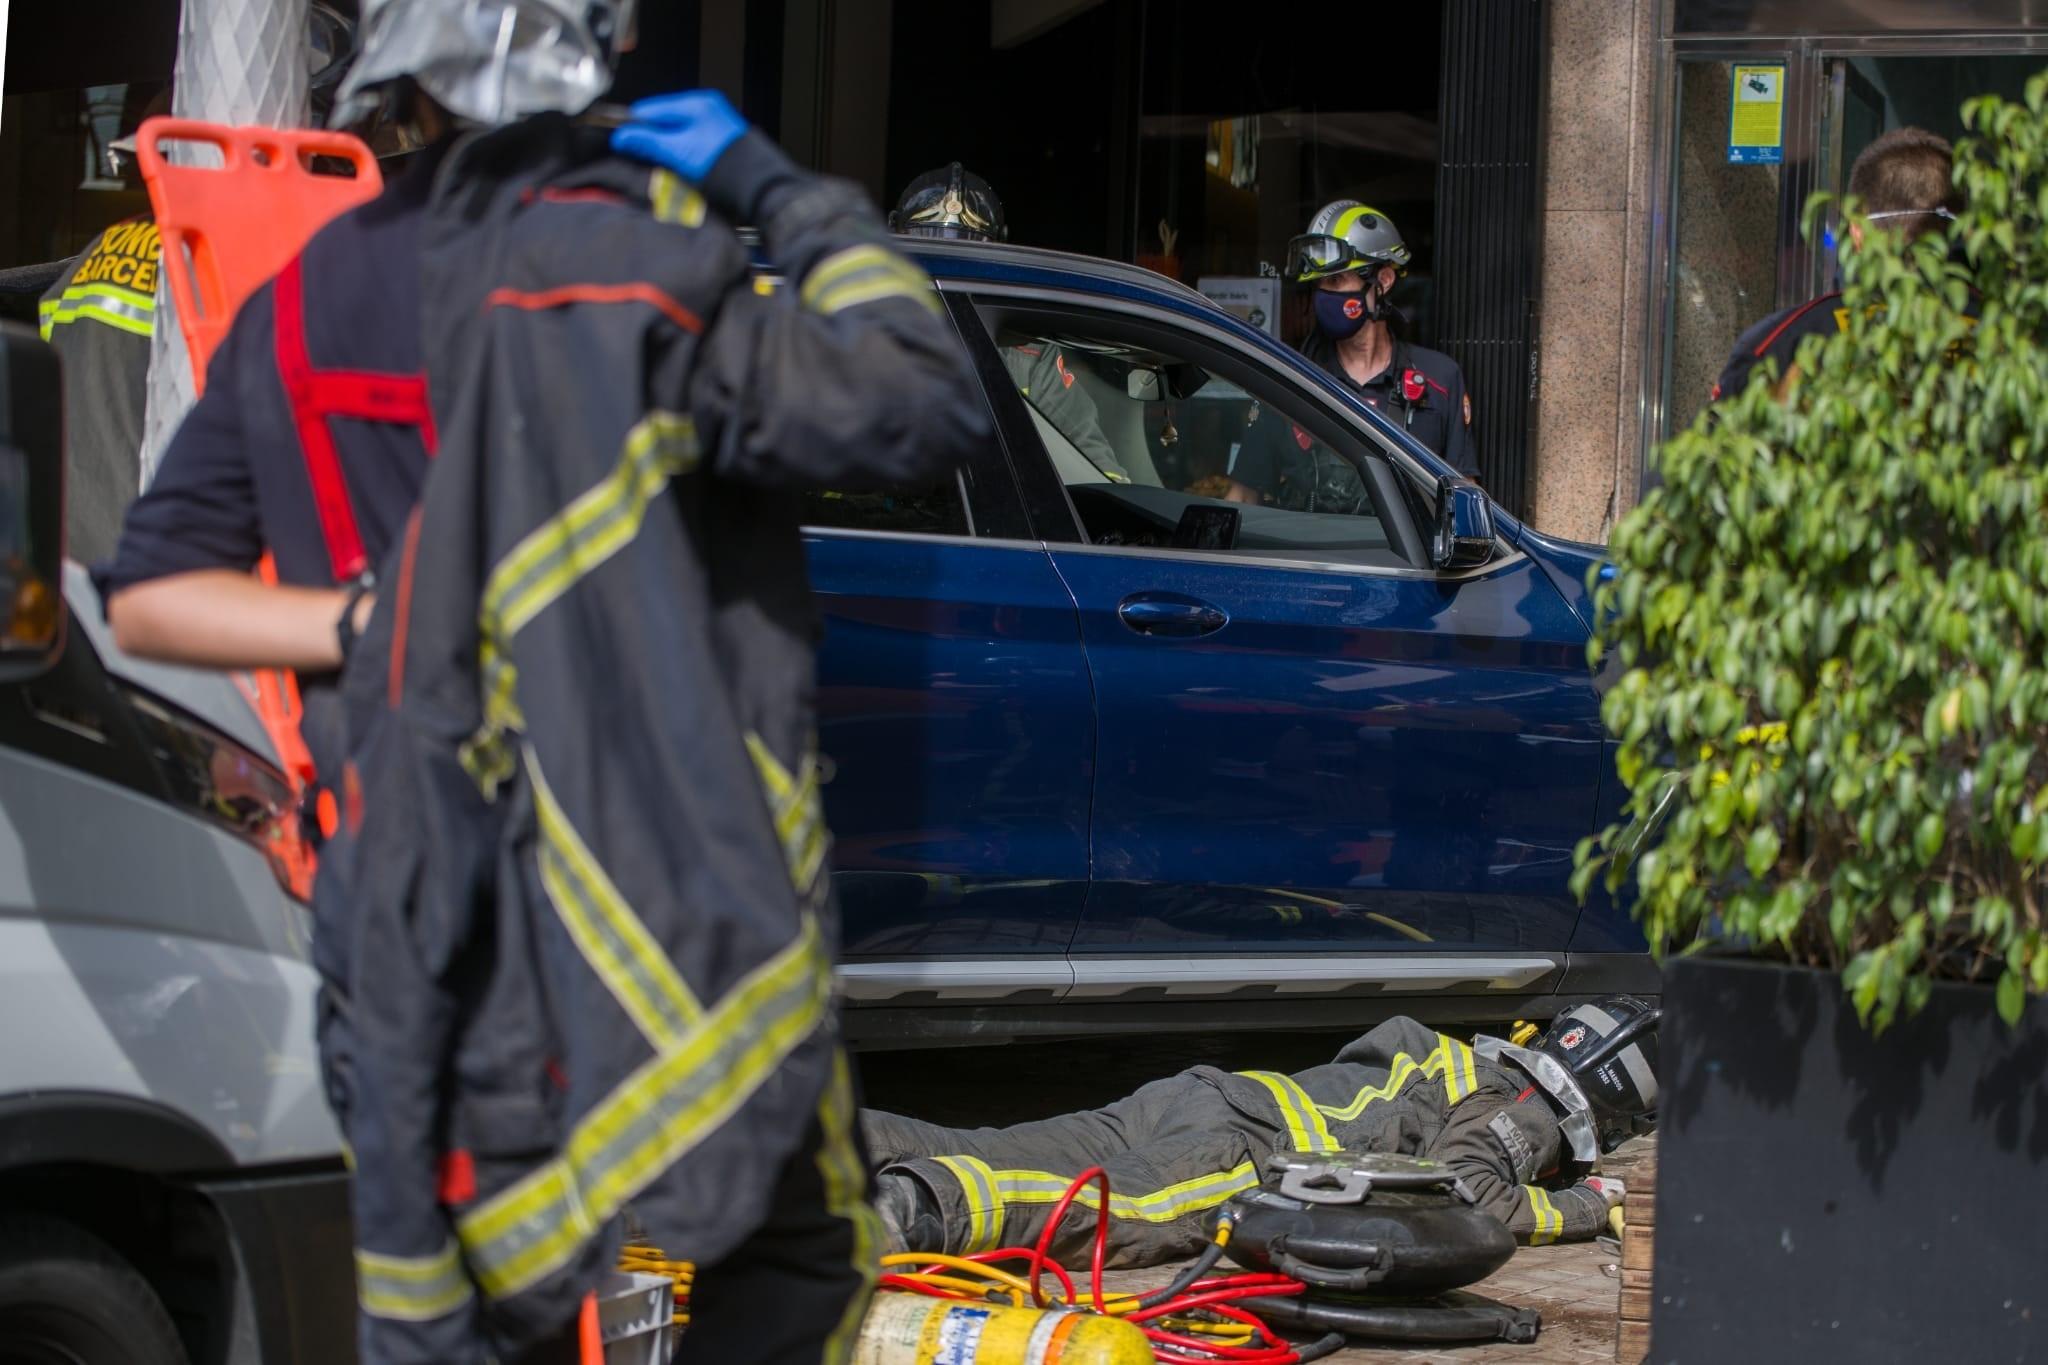 Els bombers revisen el cotxe que ha envestit una terrassa a l'Eixample / Europa Press